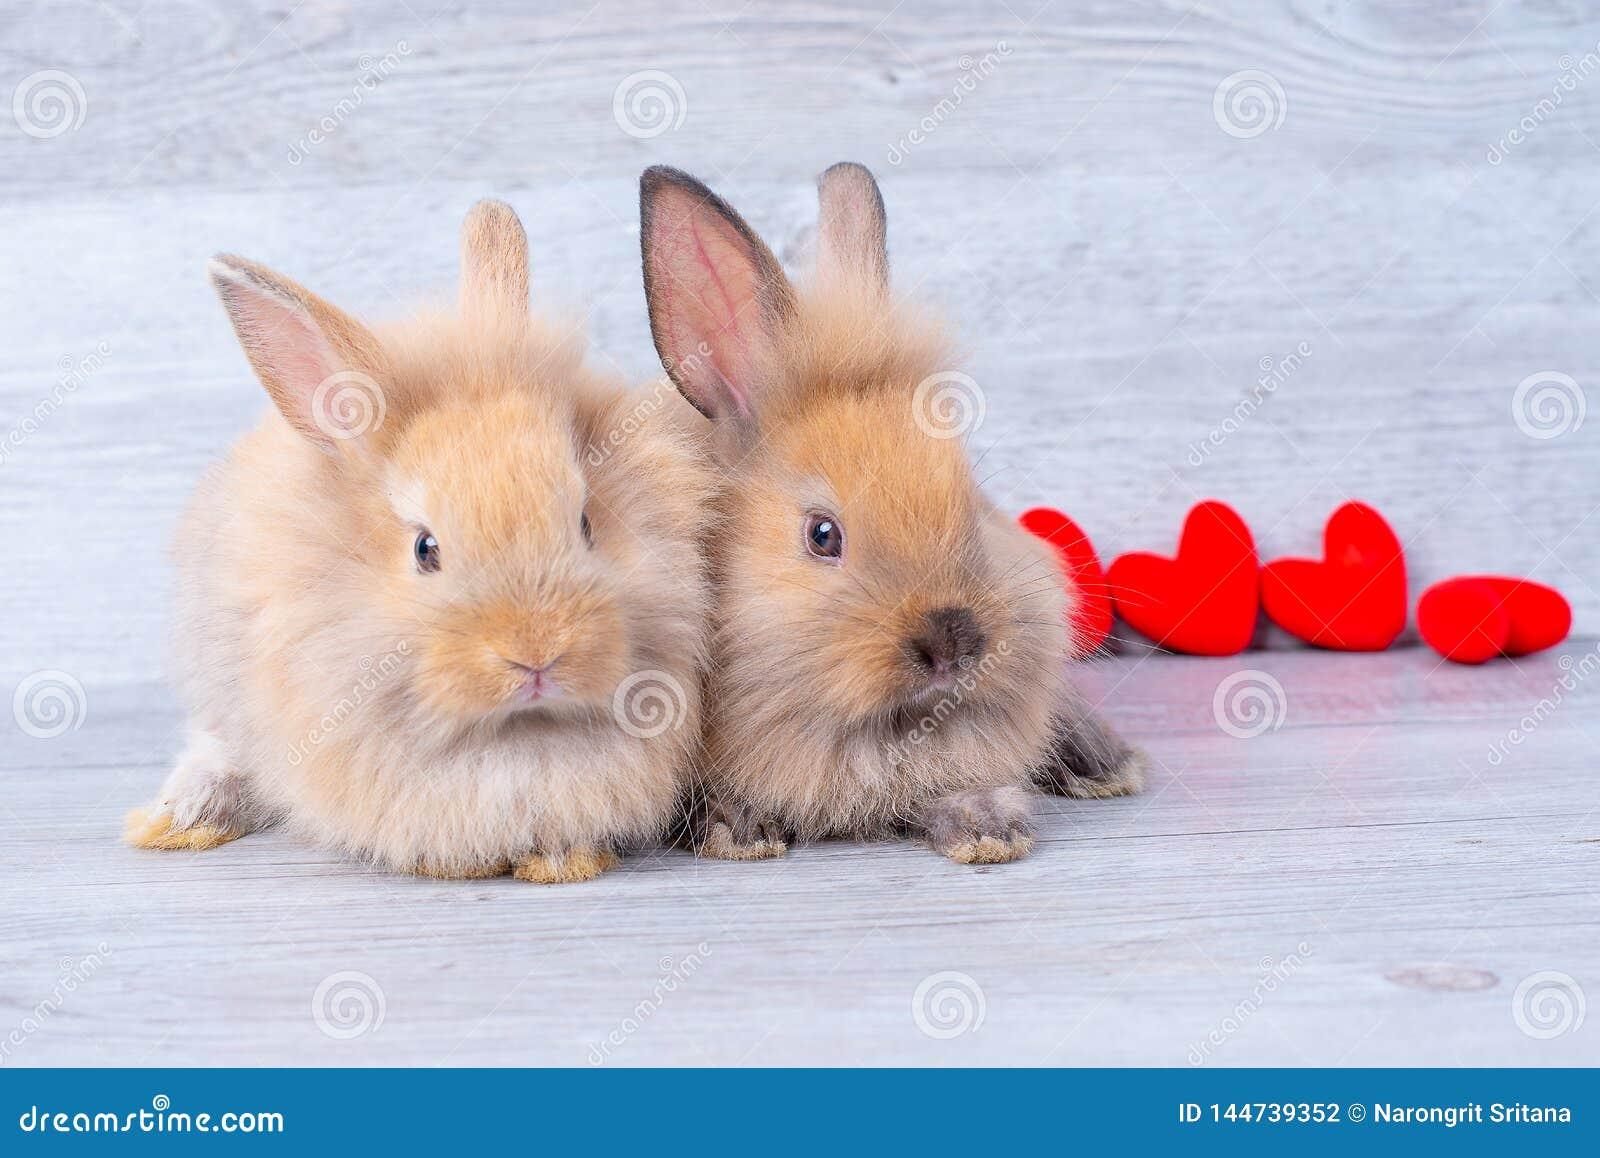 Acople a luz pequena - coelhos de coelho marrons no fundo cinzento no tema dos Valentim com mini coração atrás deles